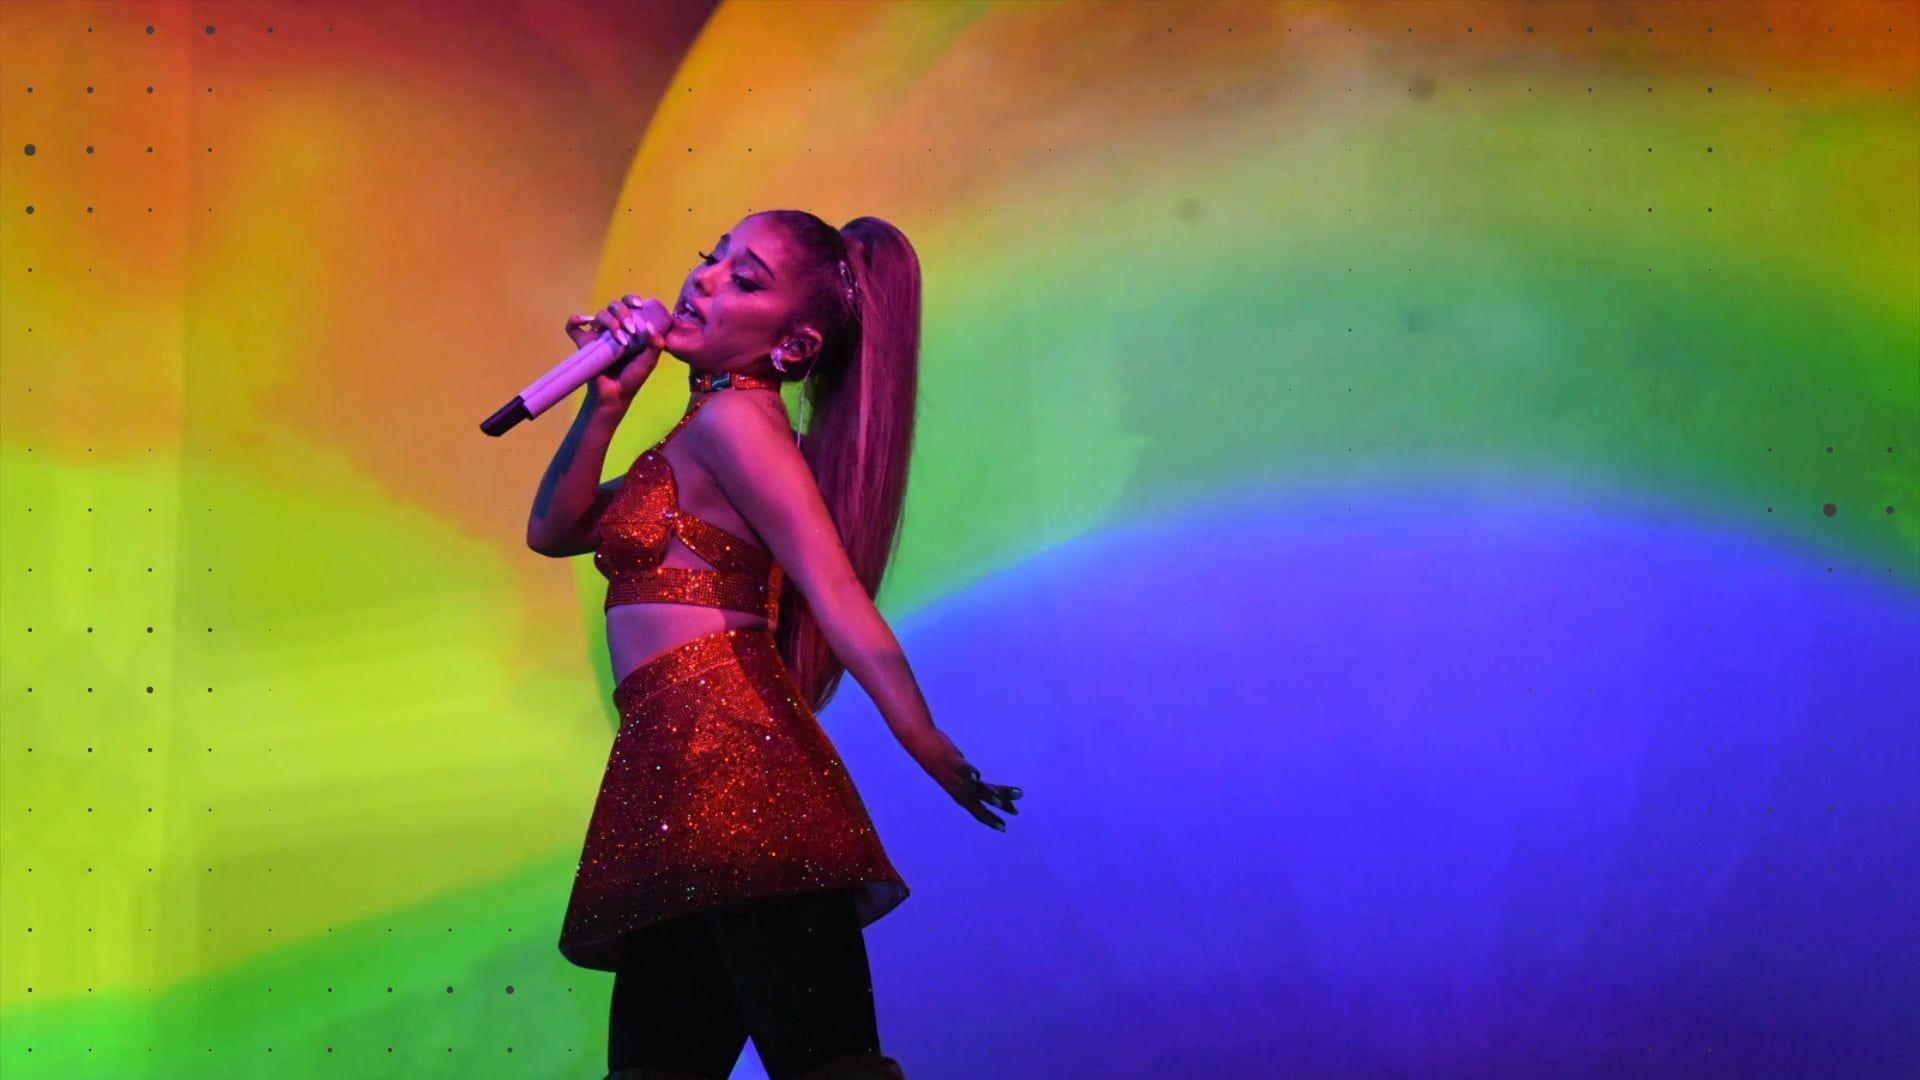 Gerade noch gefangen: Hier fällt Ariana Grande auf der Bühne